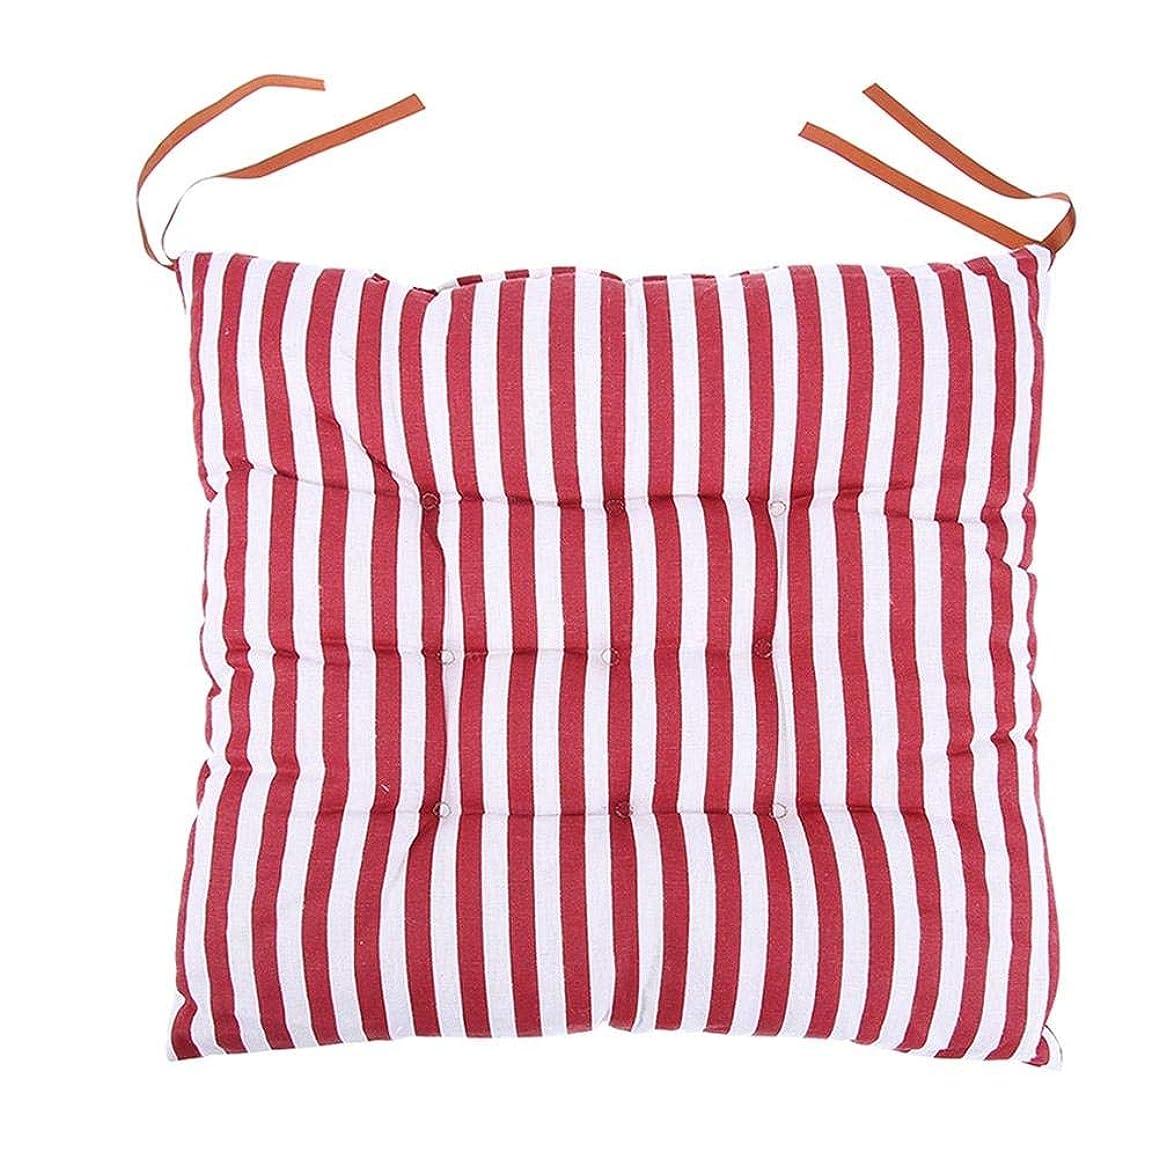 緩める不倫熱Livemarket 屋外の庭のオフィスの椅子のクッションパッドの柔らかい綿の麻布を食べる椅子の座席パッドのクッションのタイ (レッド)